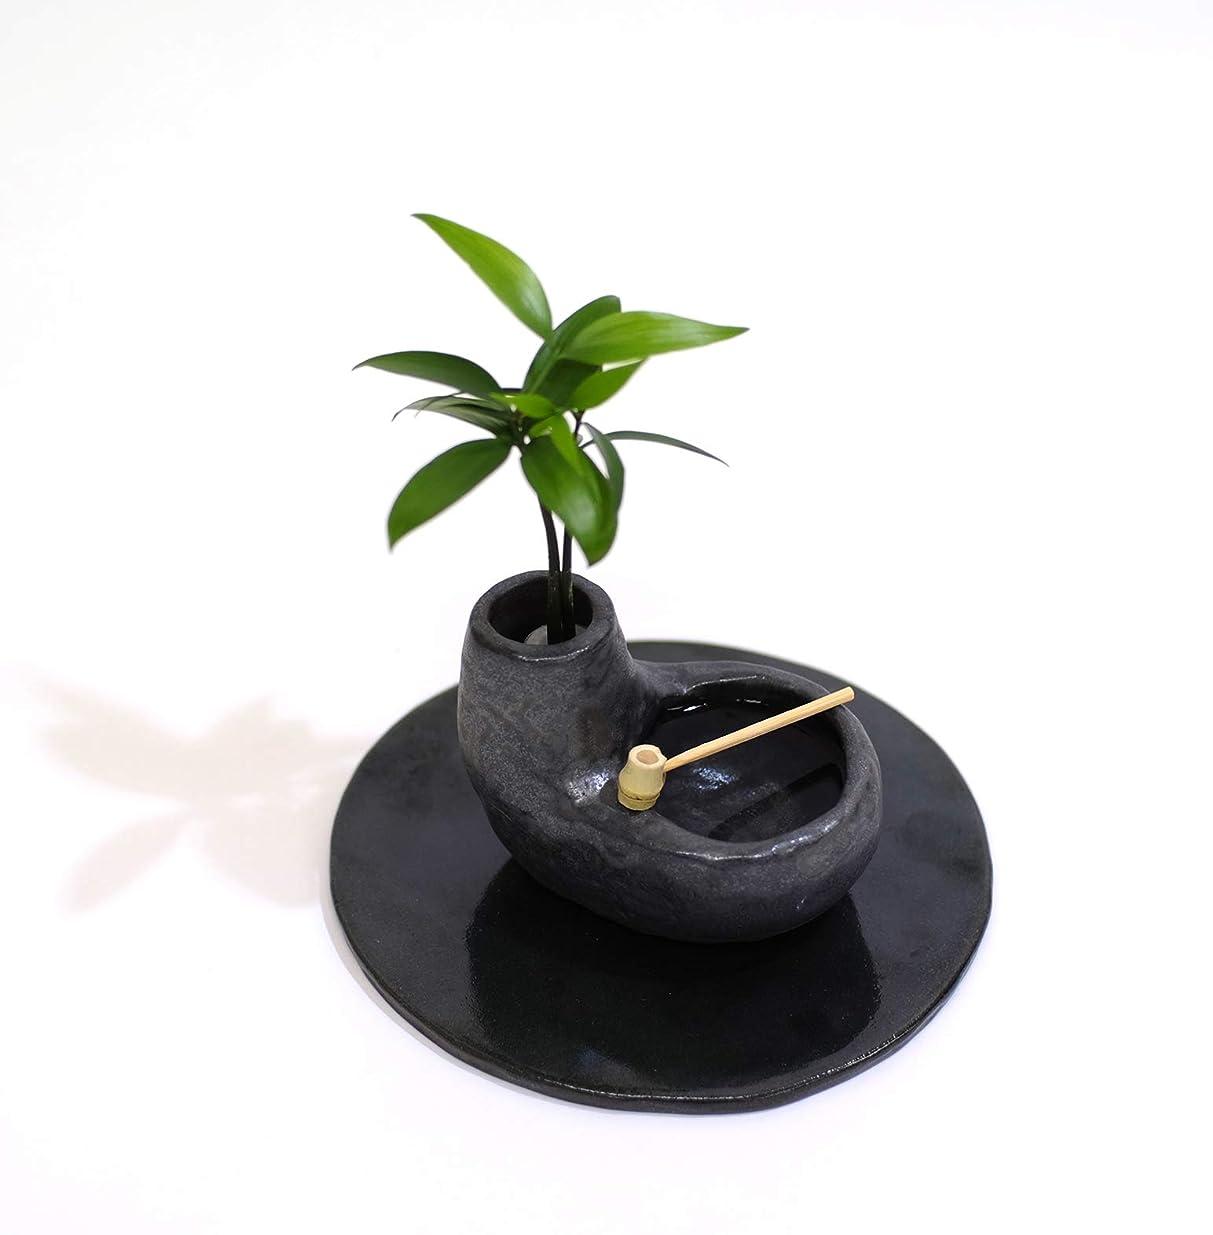 アクセント近代化する生き返らせる「良縁を結ぶ梛(ナギ)の木」と 陶房「うさぎ庵」特製手作 「たまり石盆景」 【土なし 清潔 水やり簡単 セラハイト】